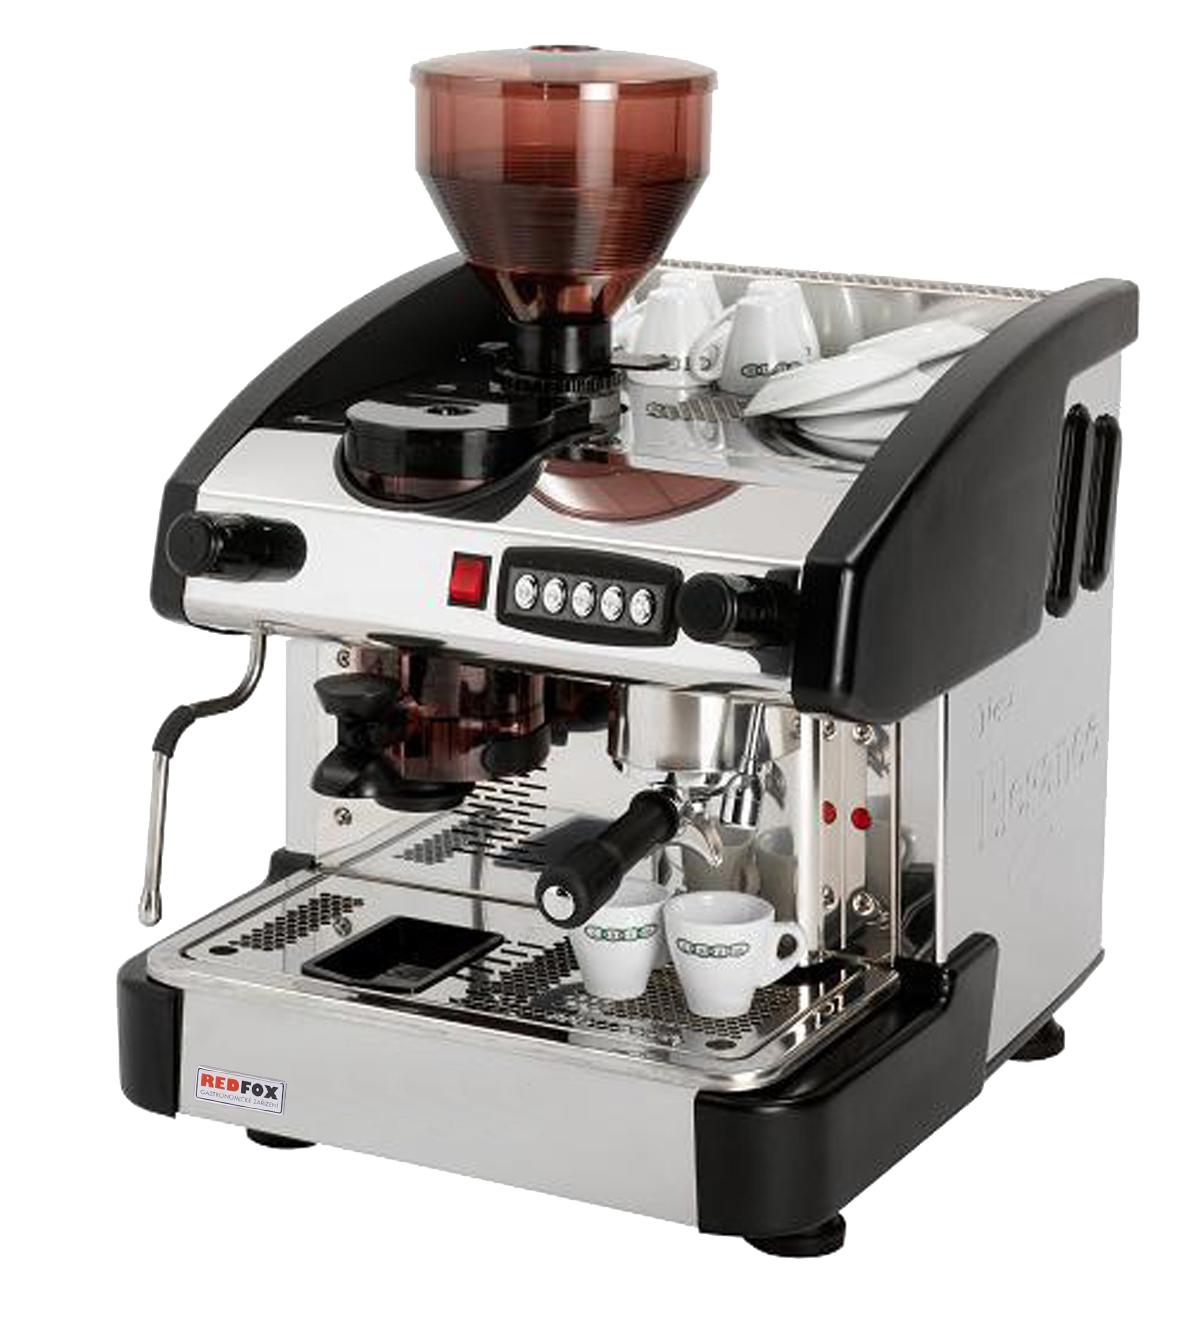 Kávovar jednopákový s mlýnkem - dřevo EMC 1P/W/M/C